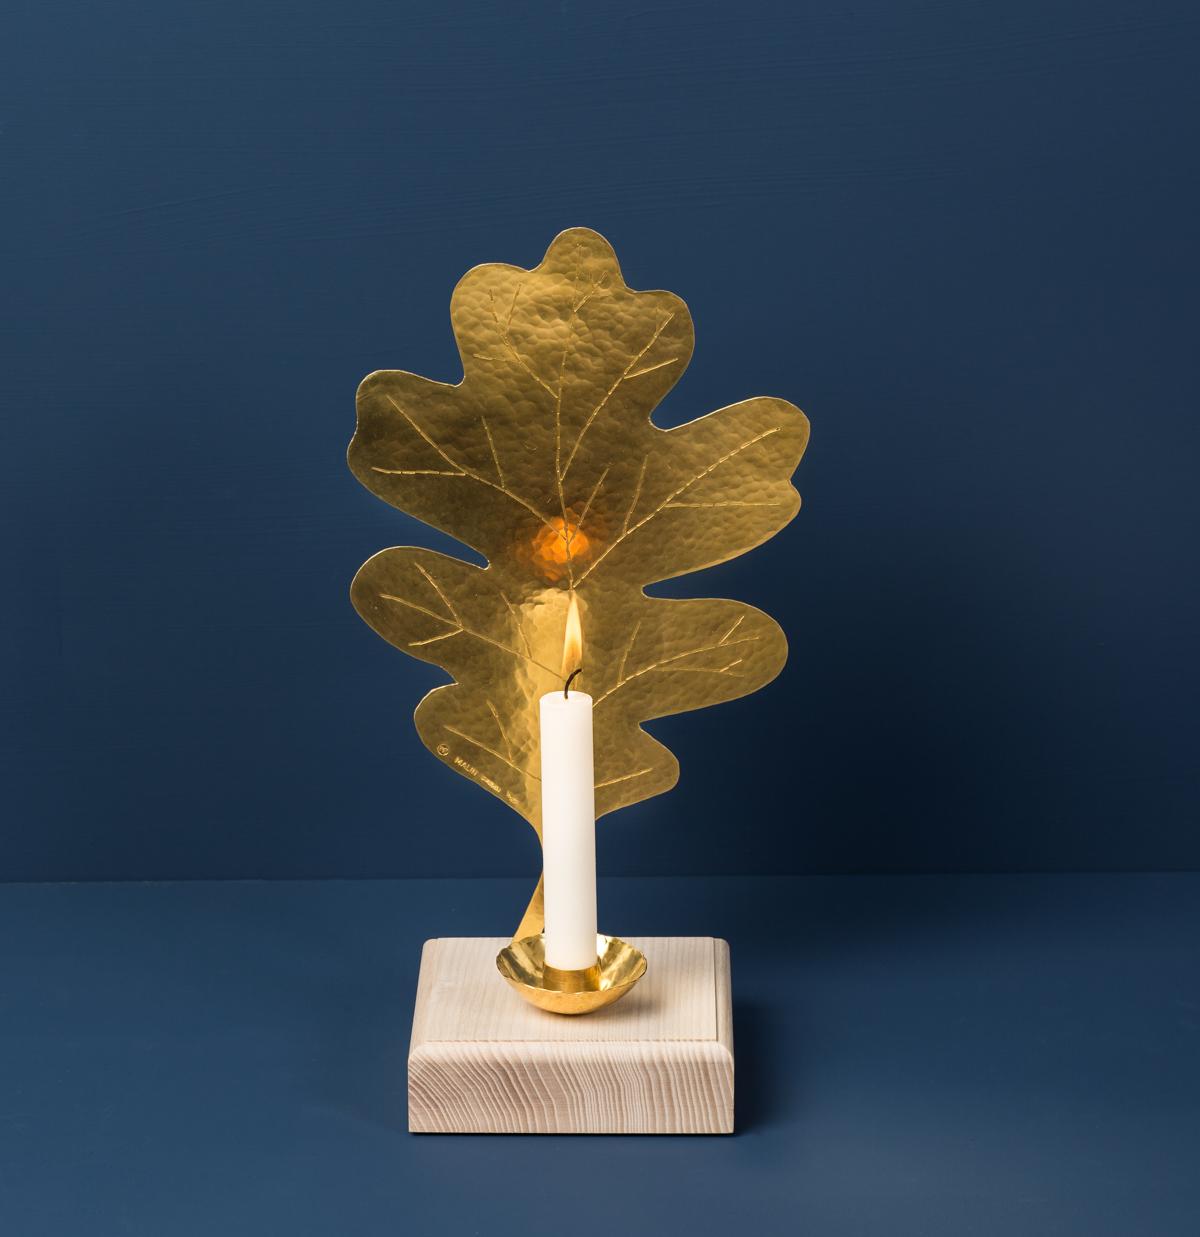 Löv Lampett, Leaf Sconce